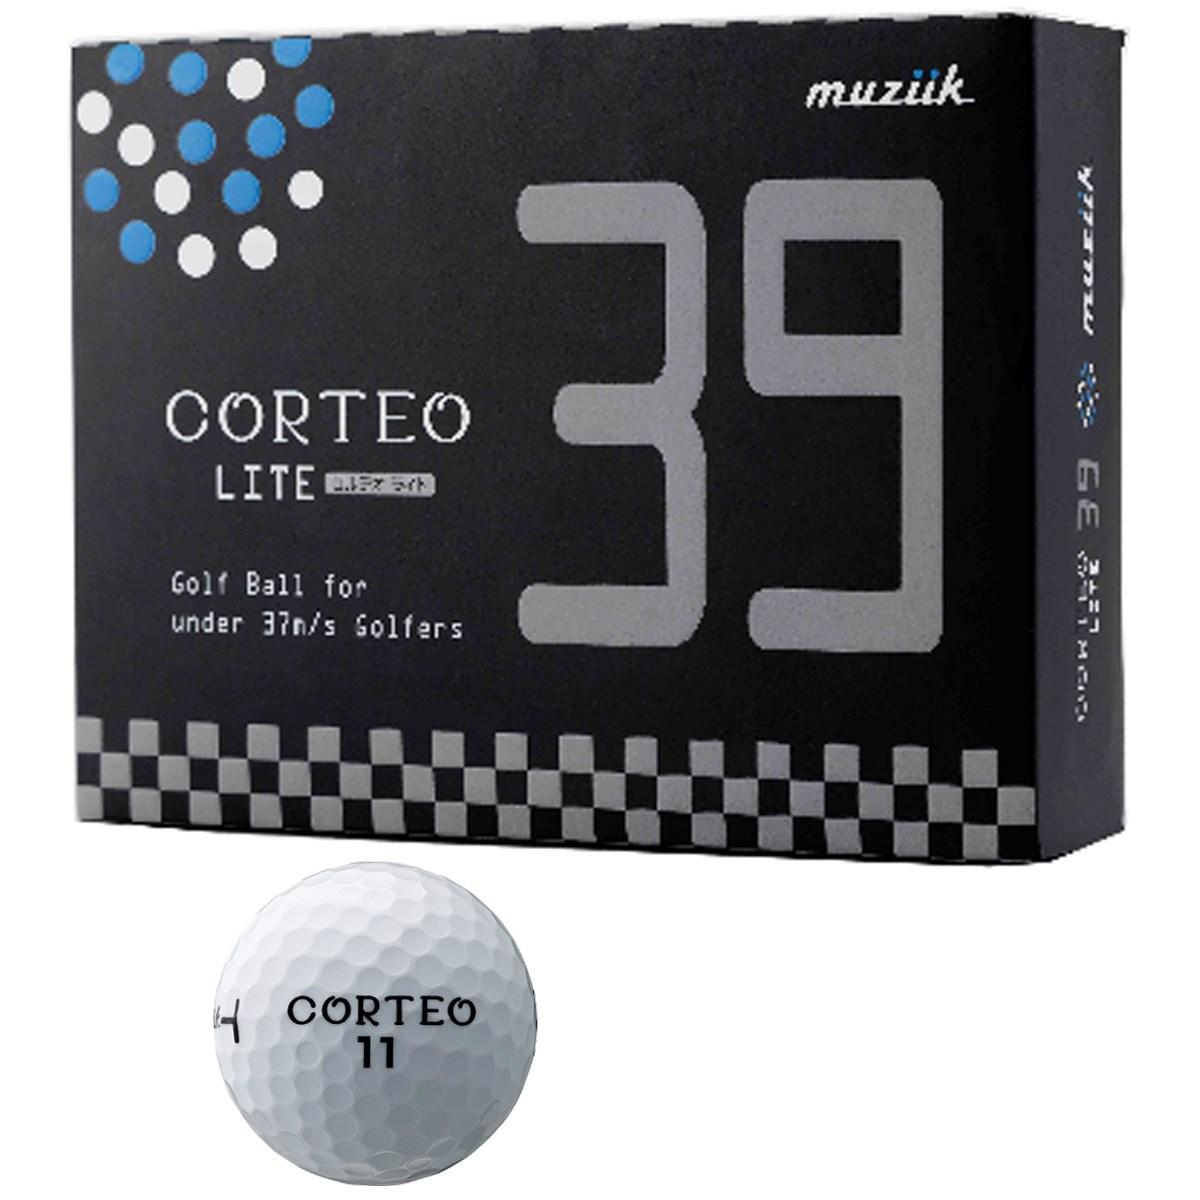 ムジーク コルテオライト39 ボール